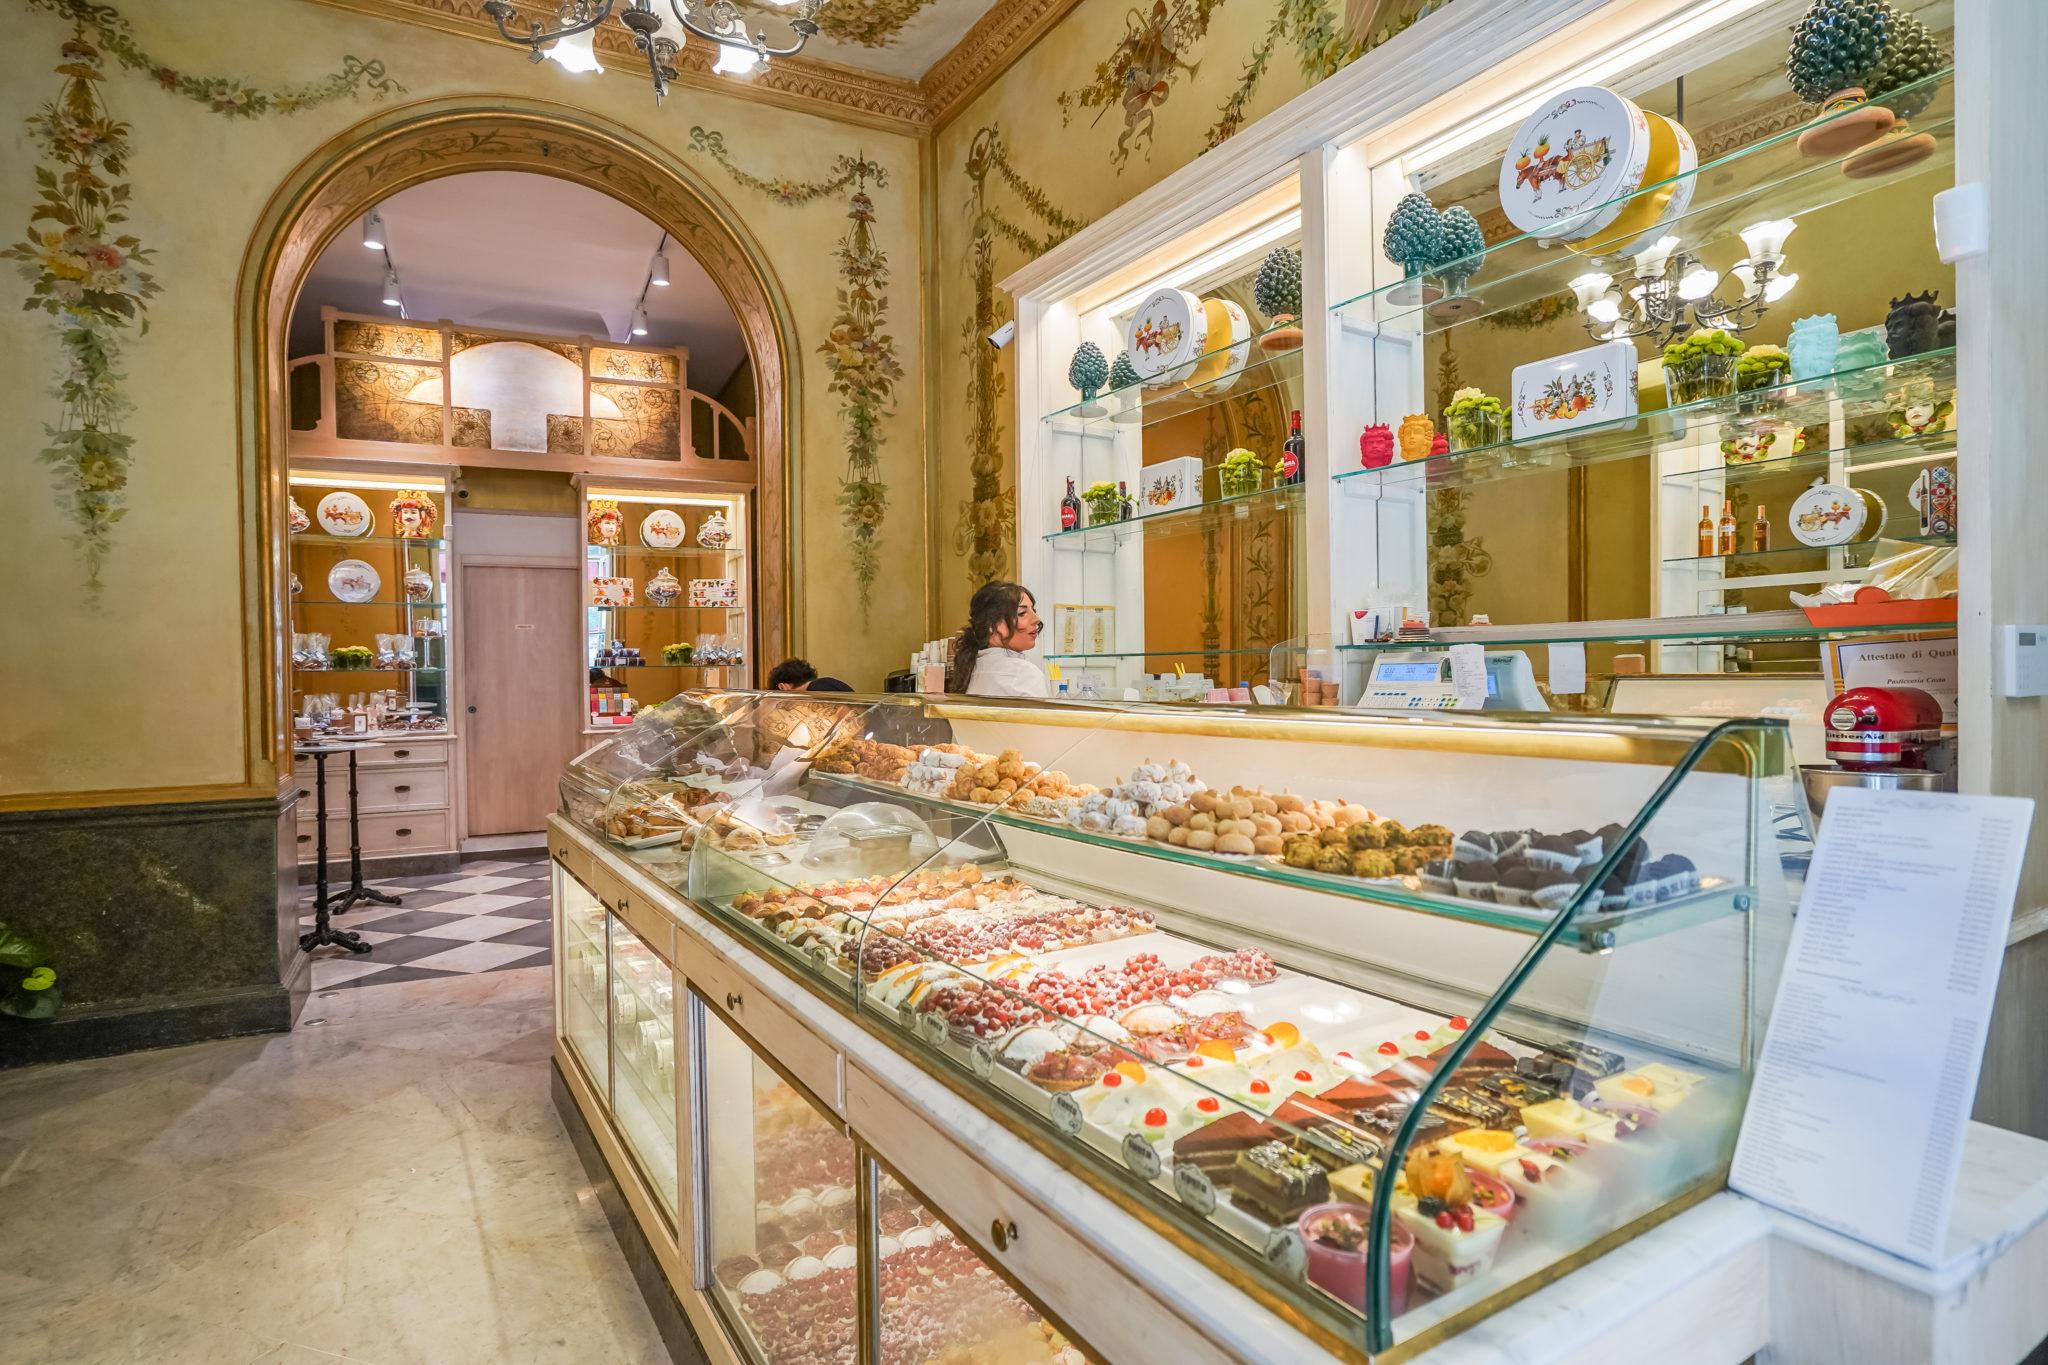 pasticceria-costa-palerme-sicile-italie